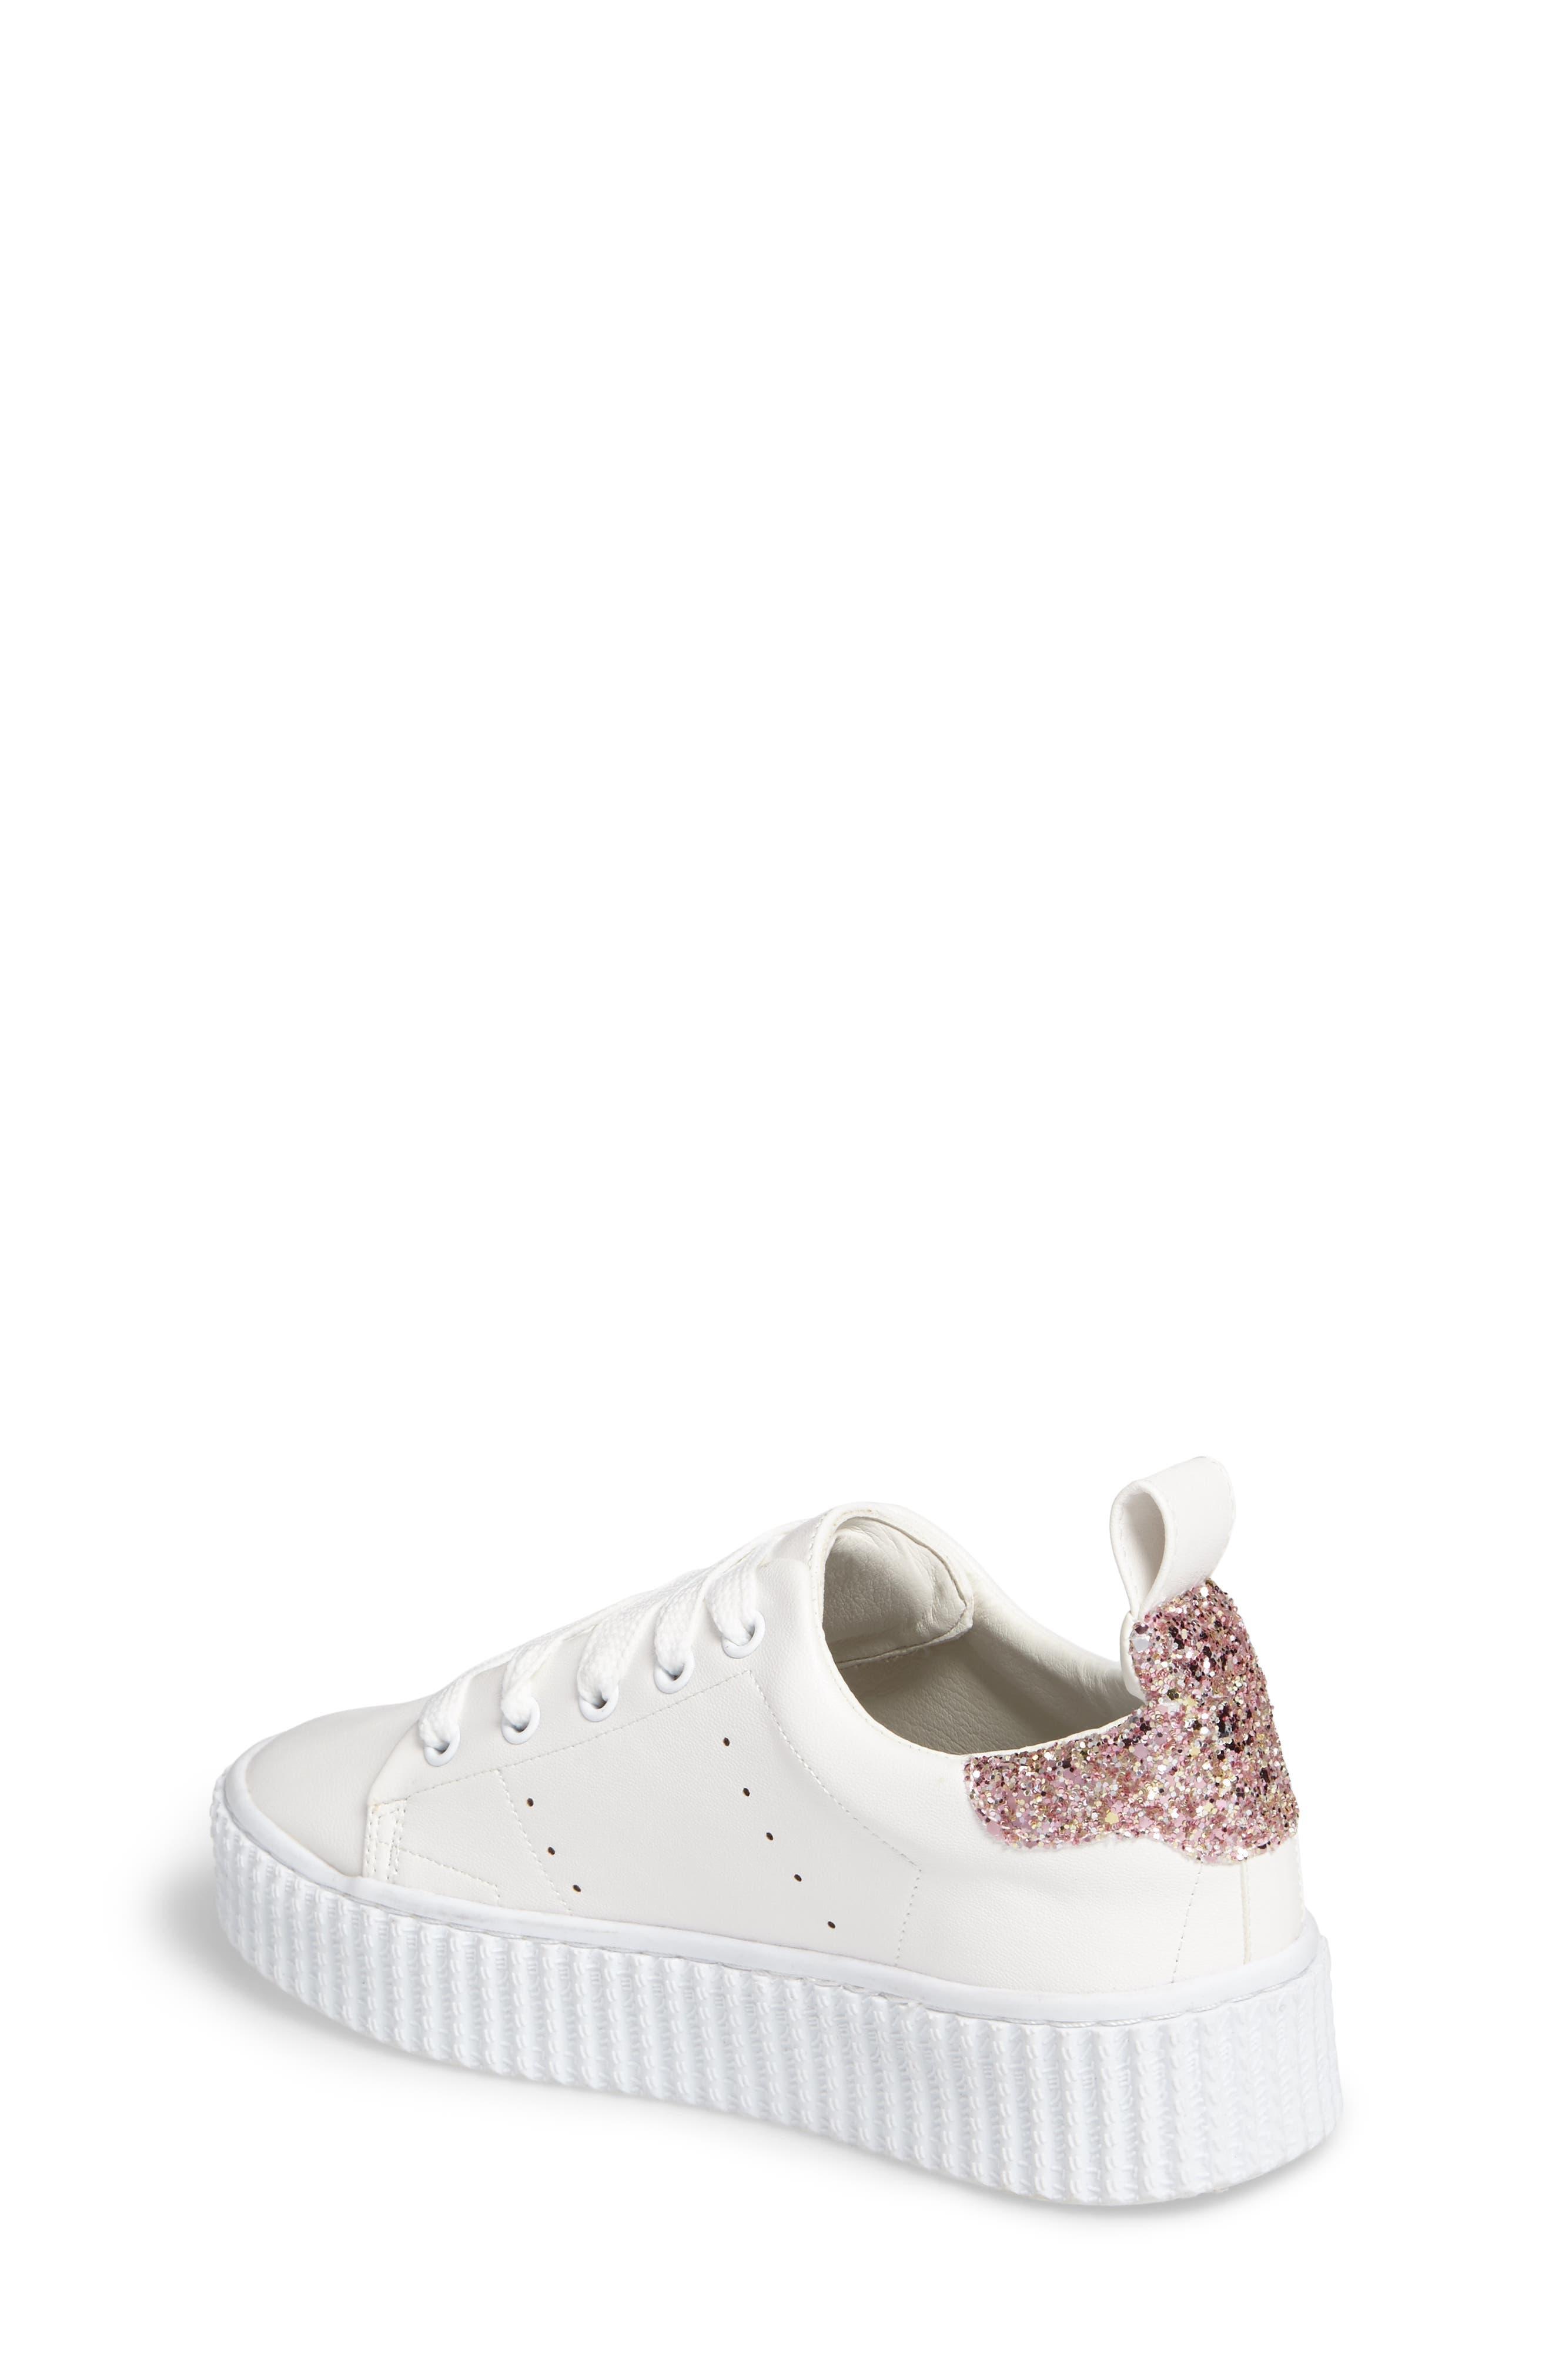 Wren Glitter Heel Sneaker,                             Alternate thumbnail 2, color,                             White